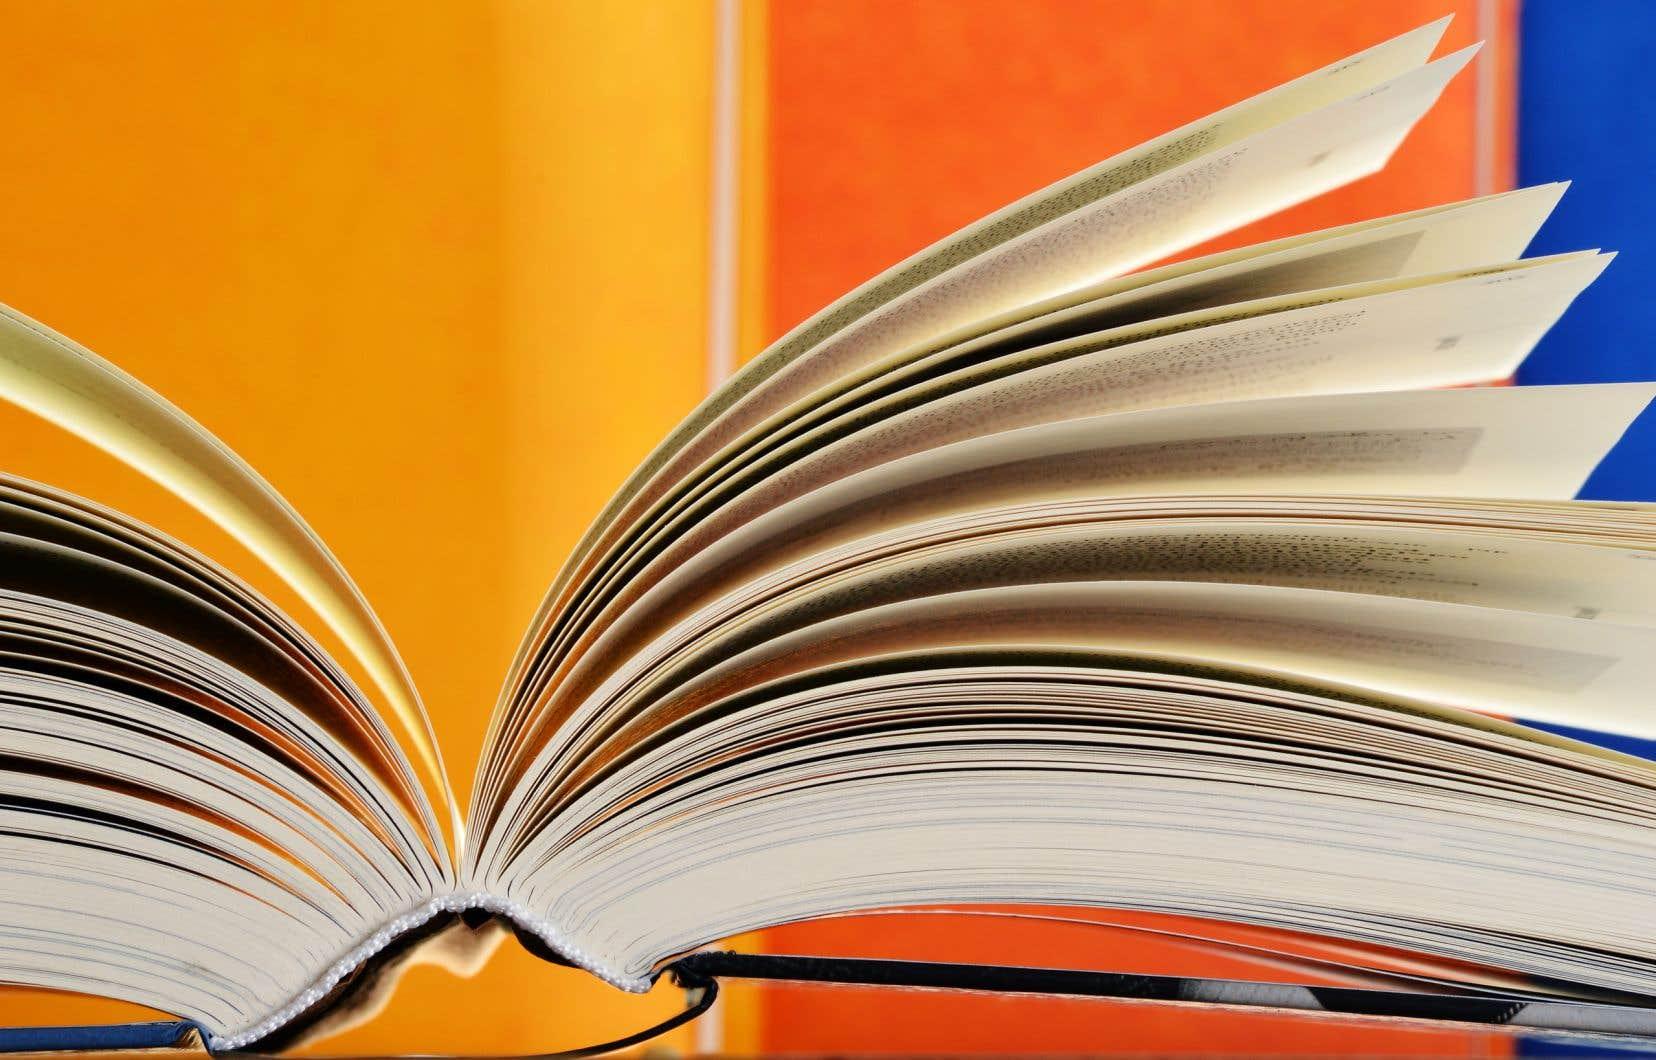 Les six ouvrages ont été sélectionnés par les cinq jurés parmi 158 romans publiés au Royaume-Uni ou en Irlande entre le 1er octobre 2020 et le 30 septembre 2021.